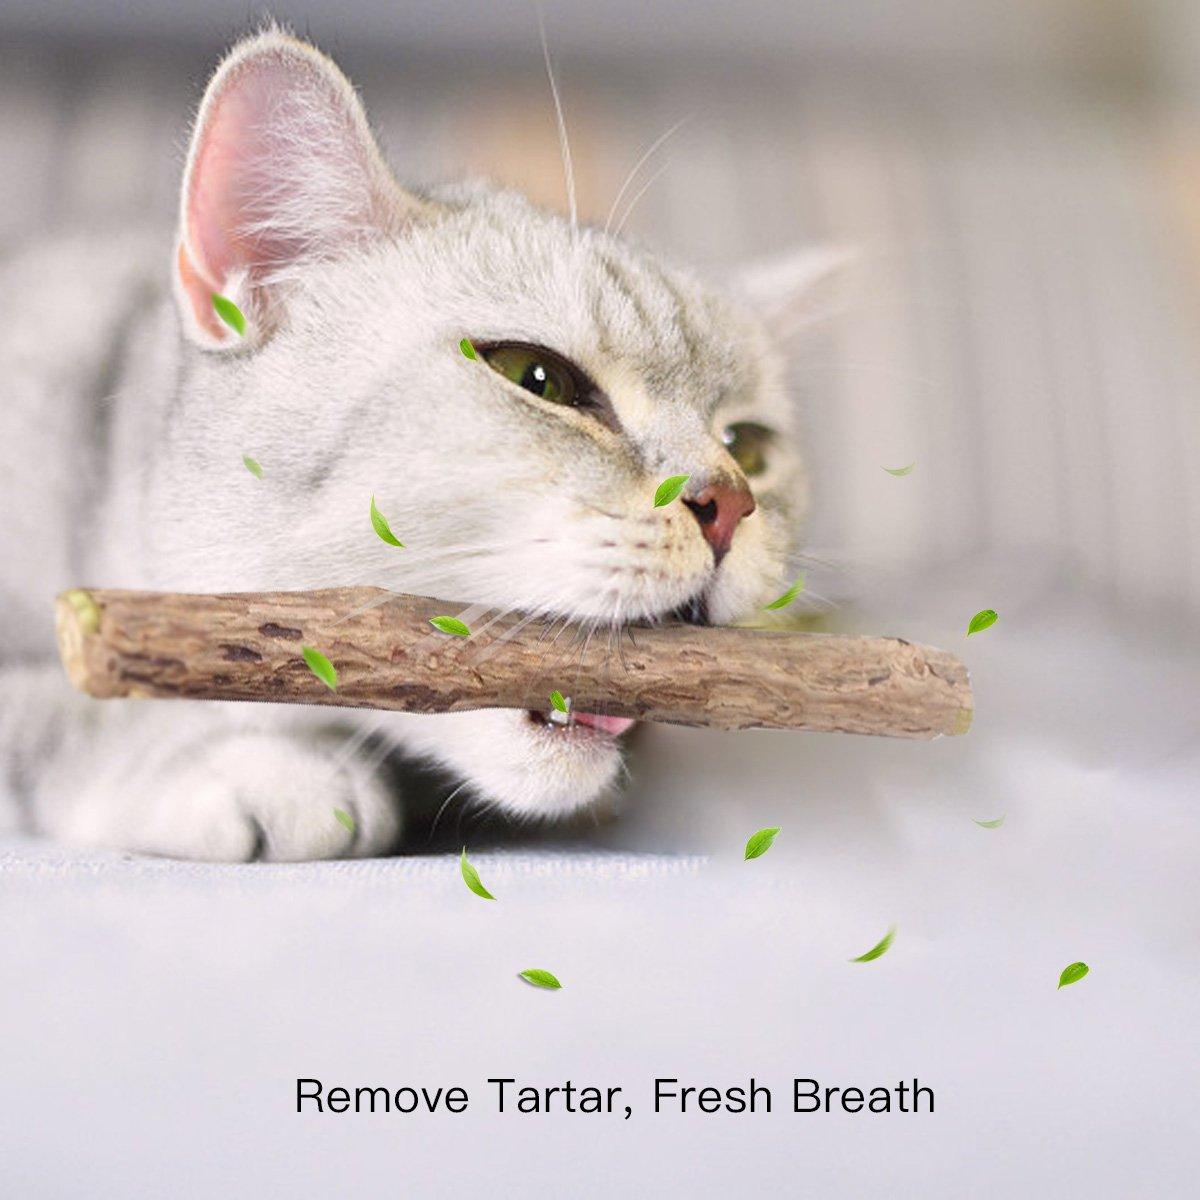 Zoiibuy Catnip Bastone Confezione da 10 Pezzi 10pcs Matatabi Silvervine Giochi al Catnip Cure Dentistiche Naturali e Chew Toy per Datto per Pulizia Dentale per Denti Sani per Tartaro,Alitosi